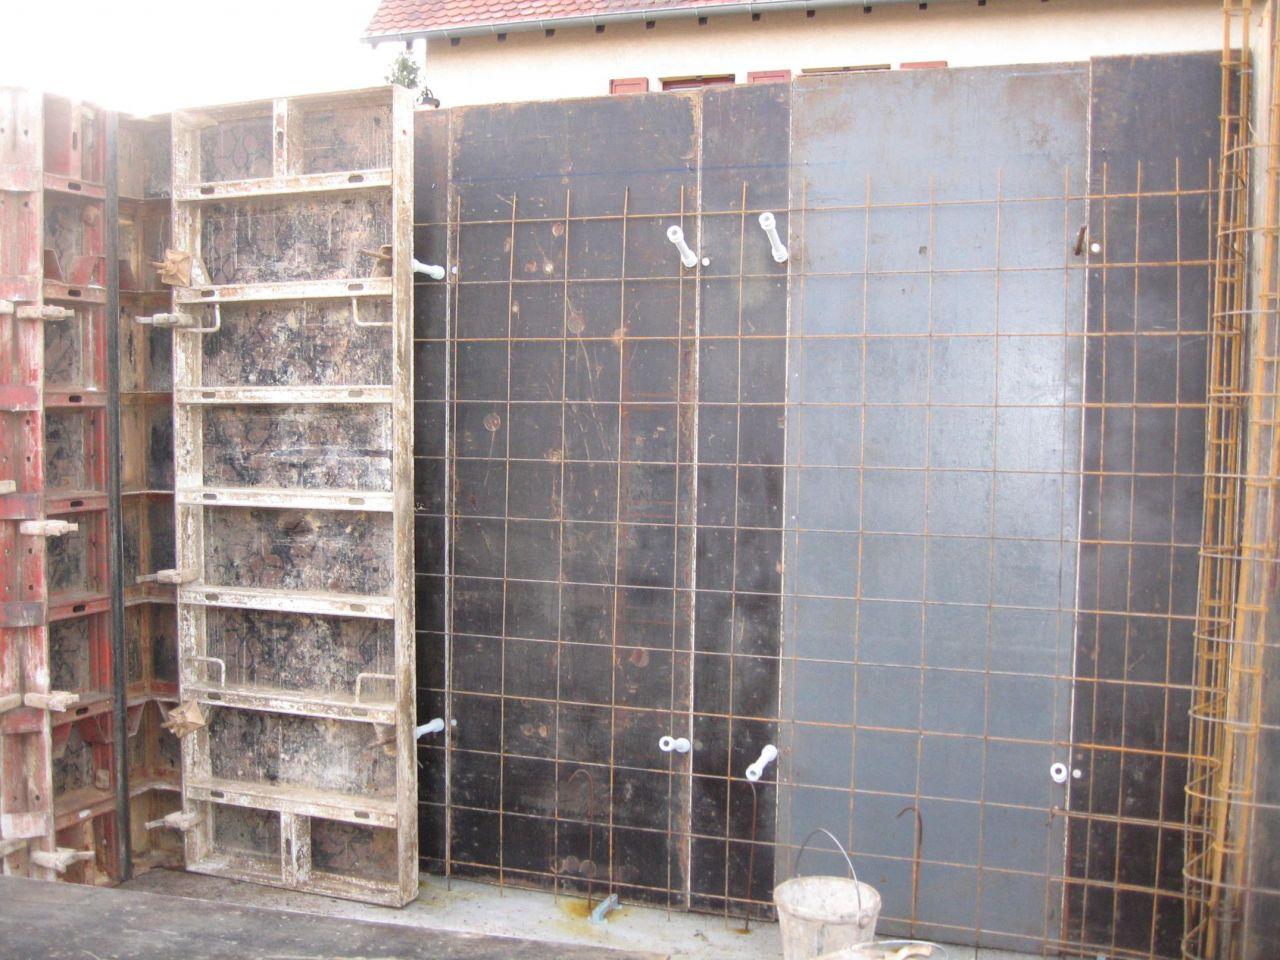 Vue de coupe des murs en béton banché